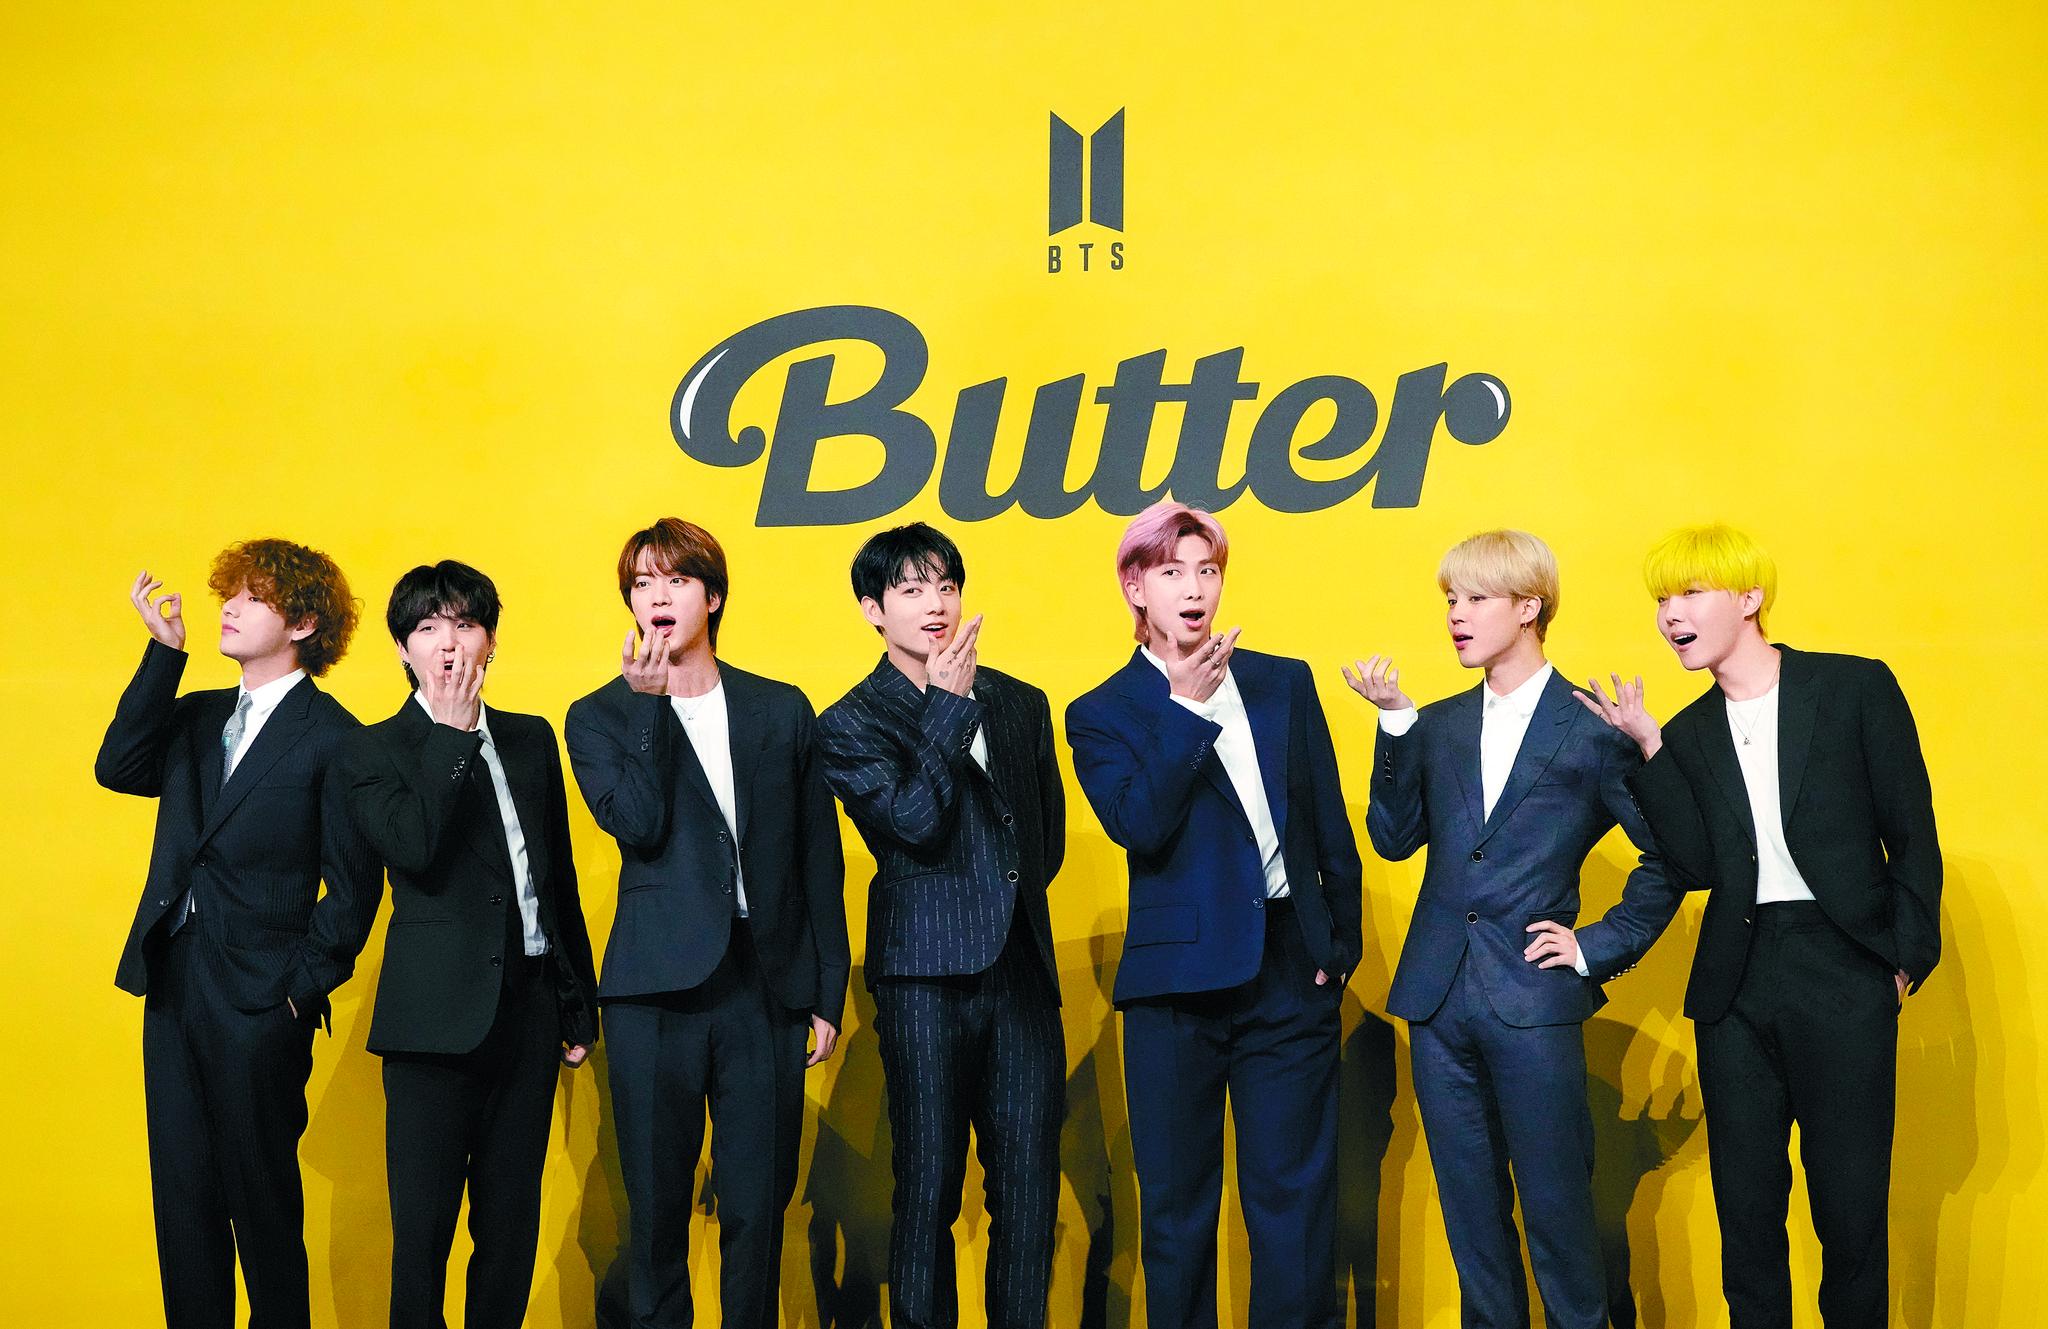 BTS의 버터가 유로2020 준결승과 결승에 울려 퍼진다. [AP=연합뉴스]